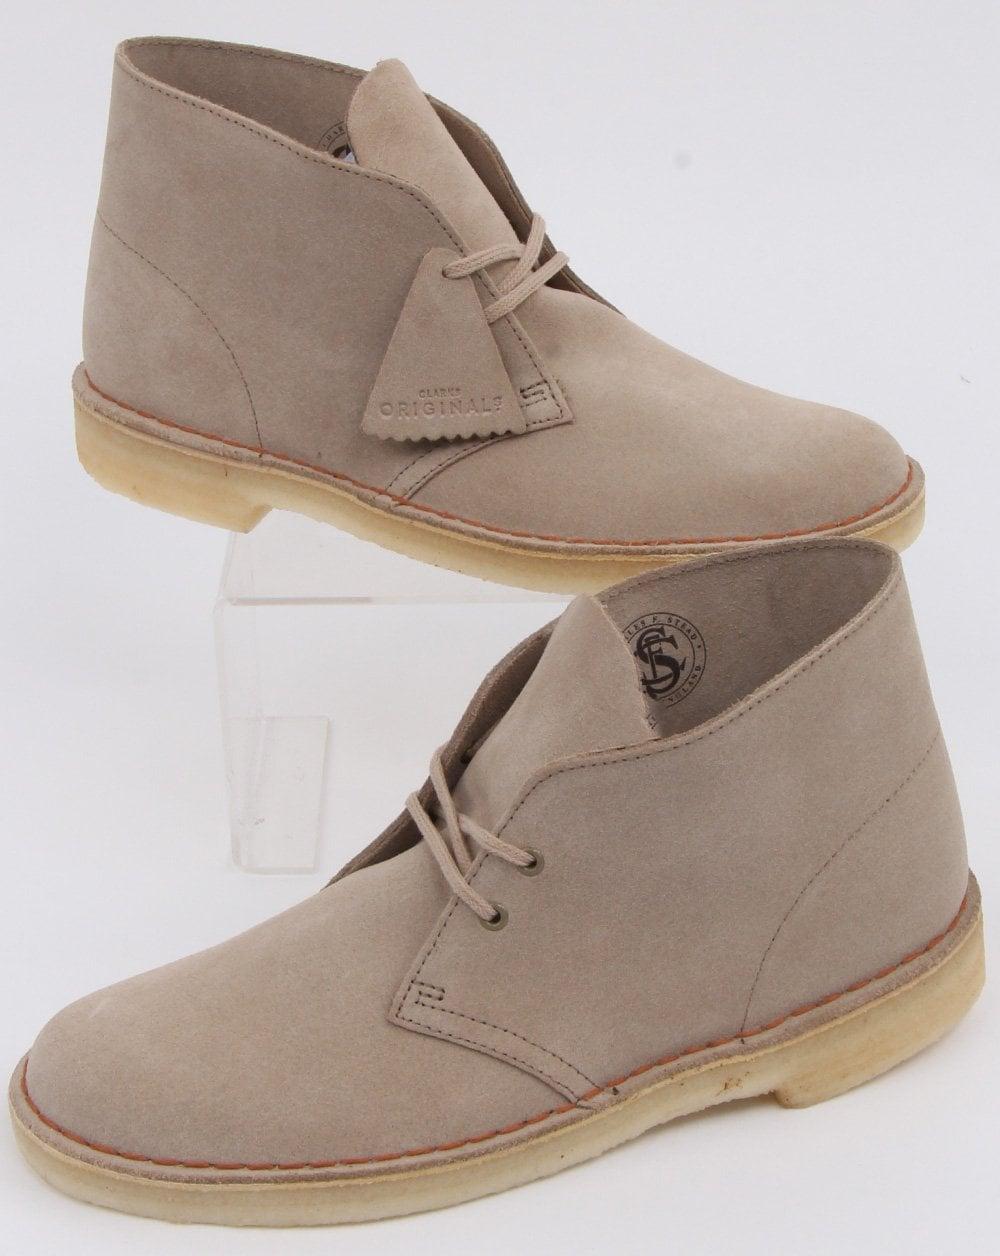 6a70e326891 Clarks Originals Suede Desert Boot Sand Suede | 80s casual classics